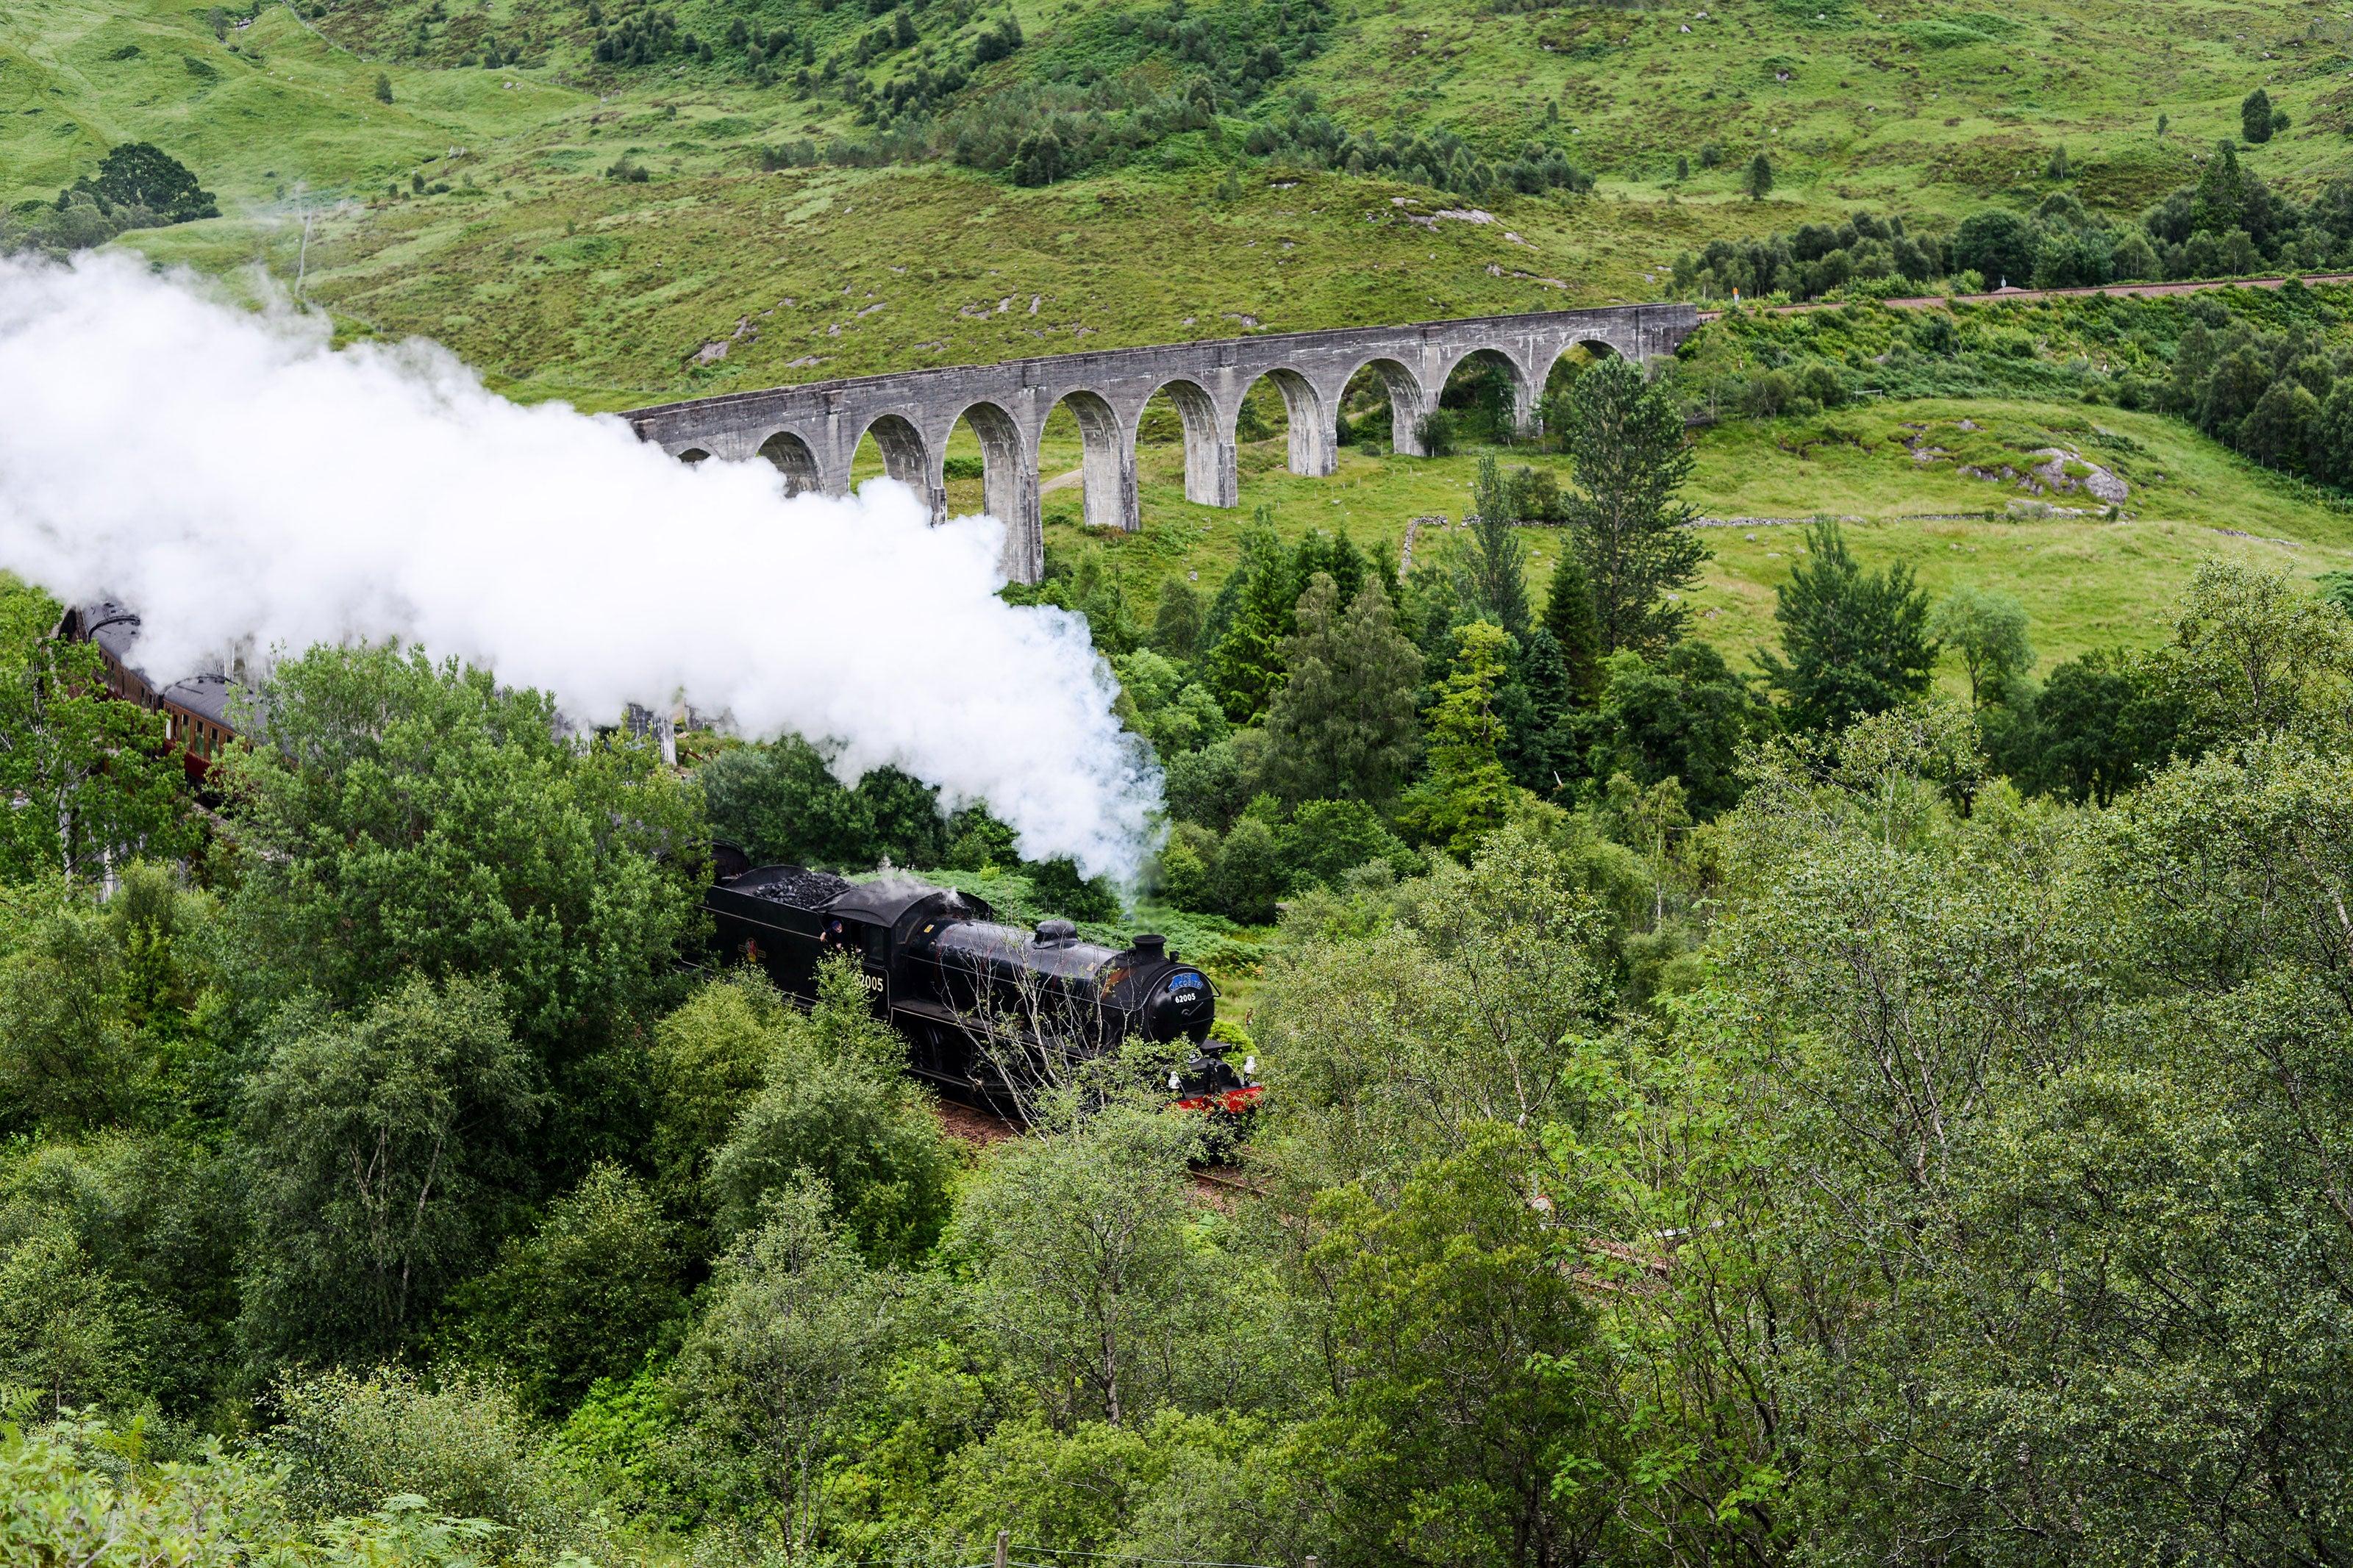 The world's most scenic train rides